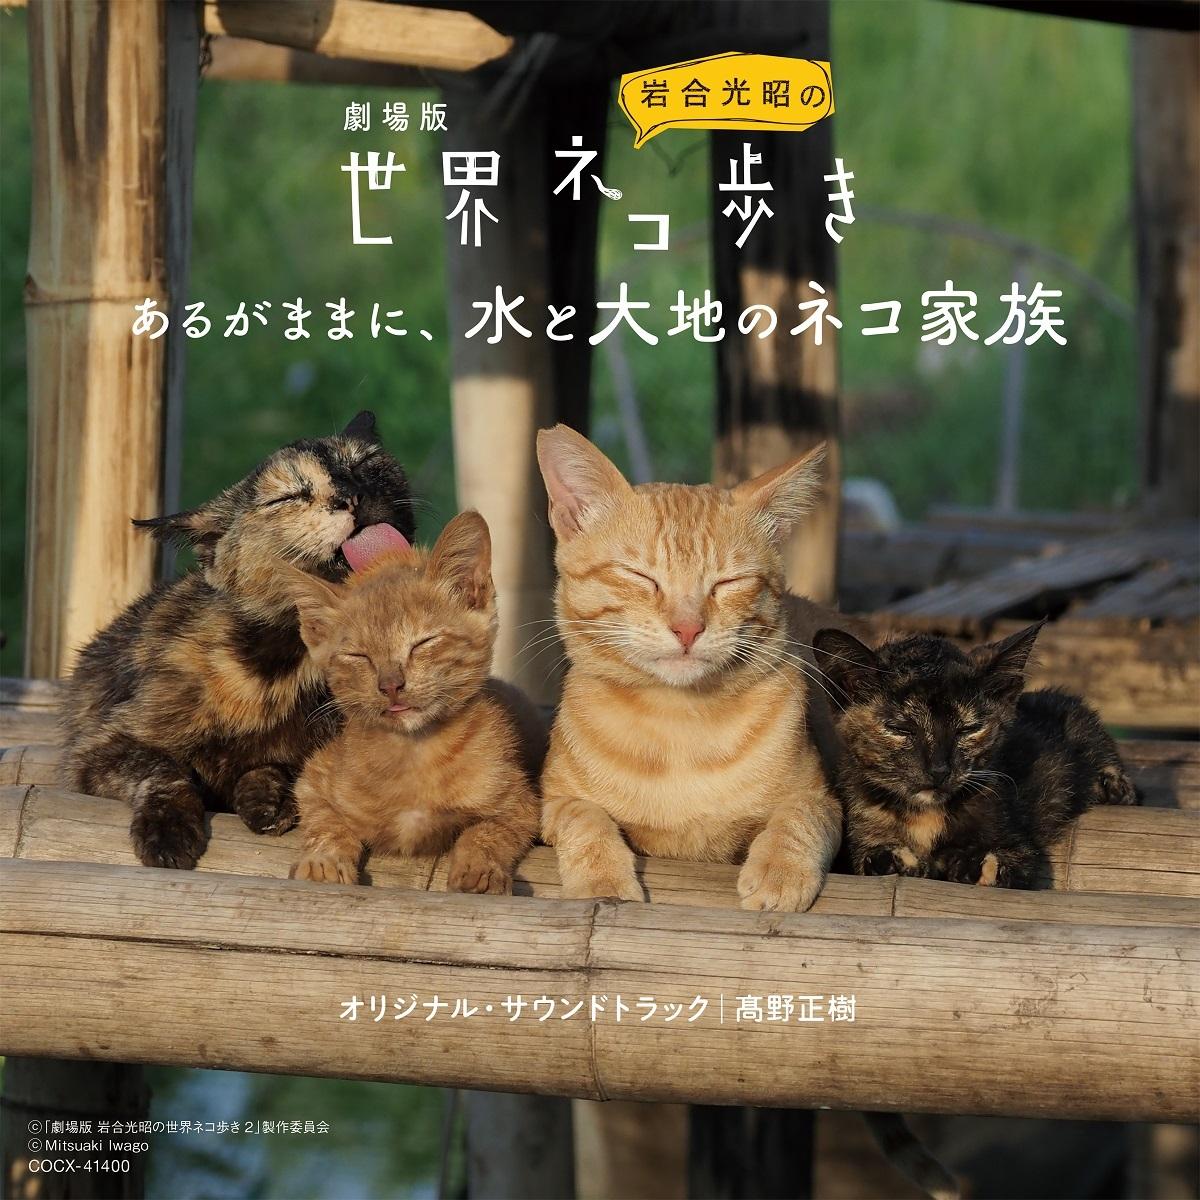 劇場版『岩合光昭の世界ネコ歩き あるがままに、水と大地のネコ家族』オリジナル・サウンドトラック